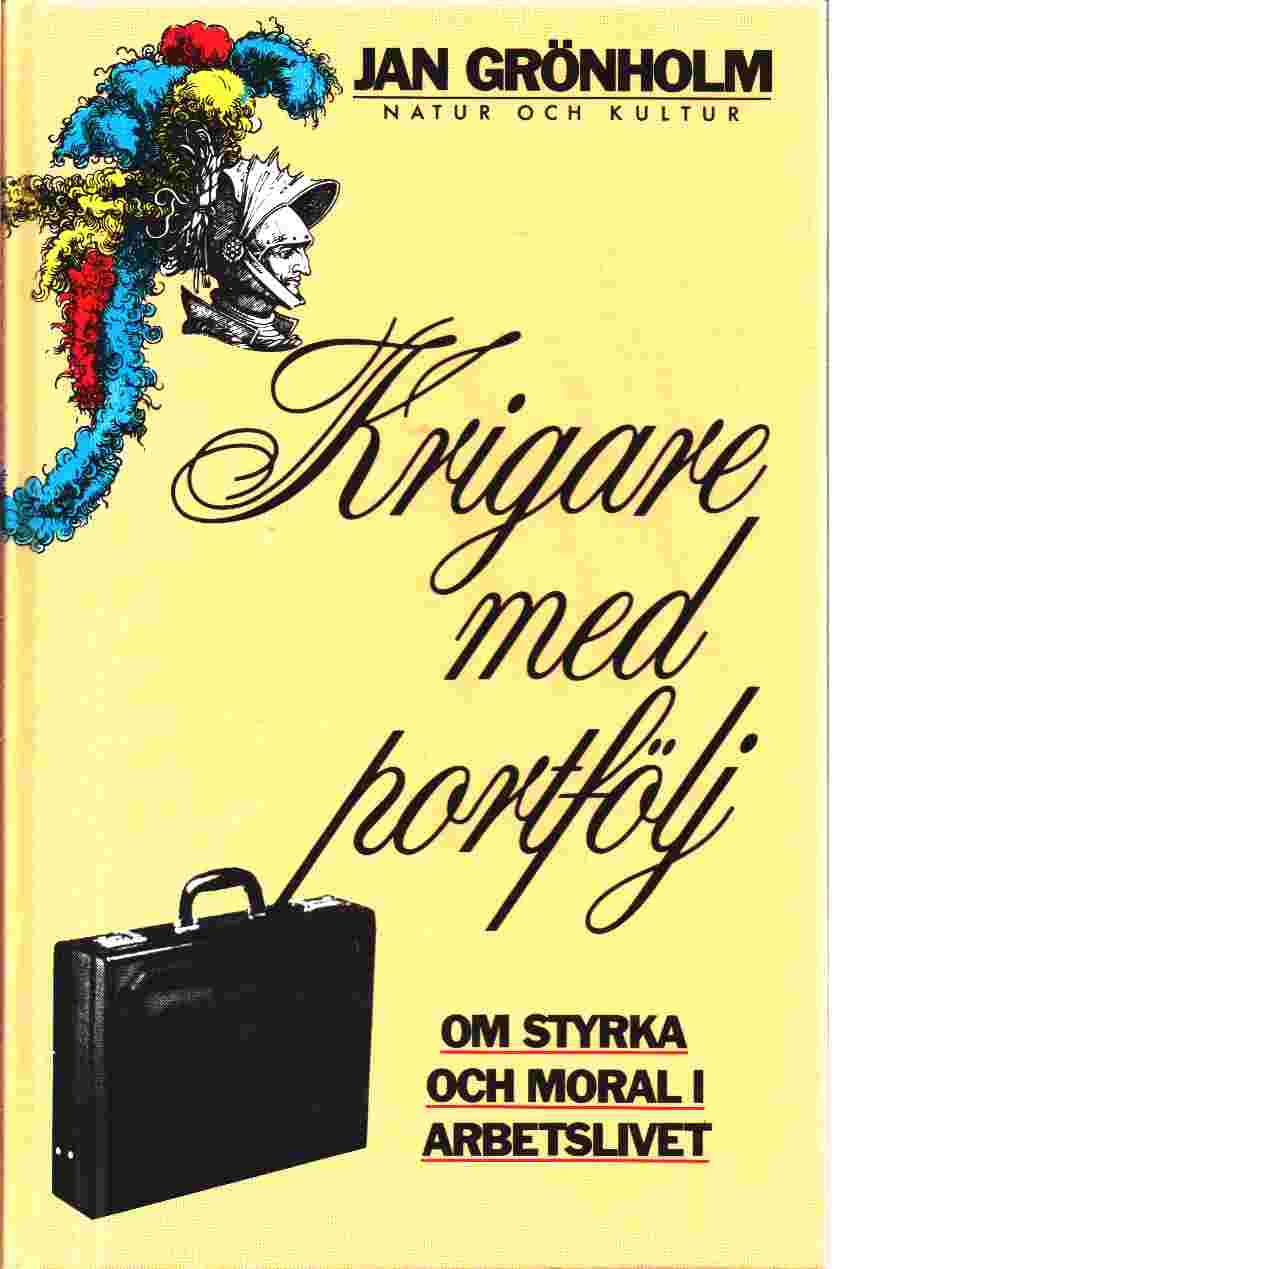 Krigare med portfölj - Grönholm, Jan